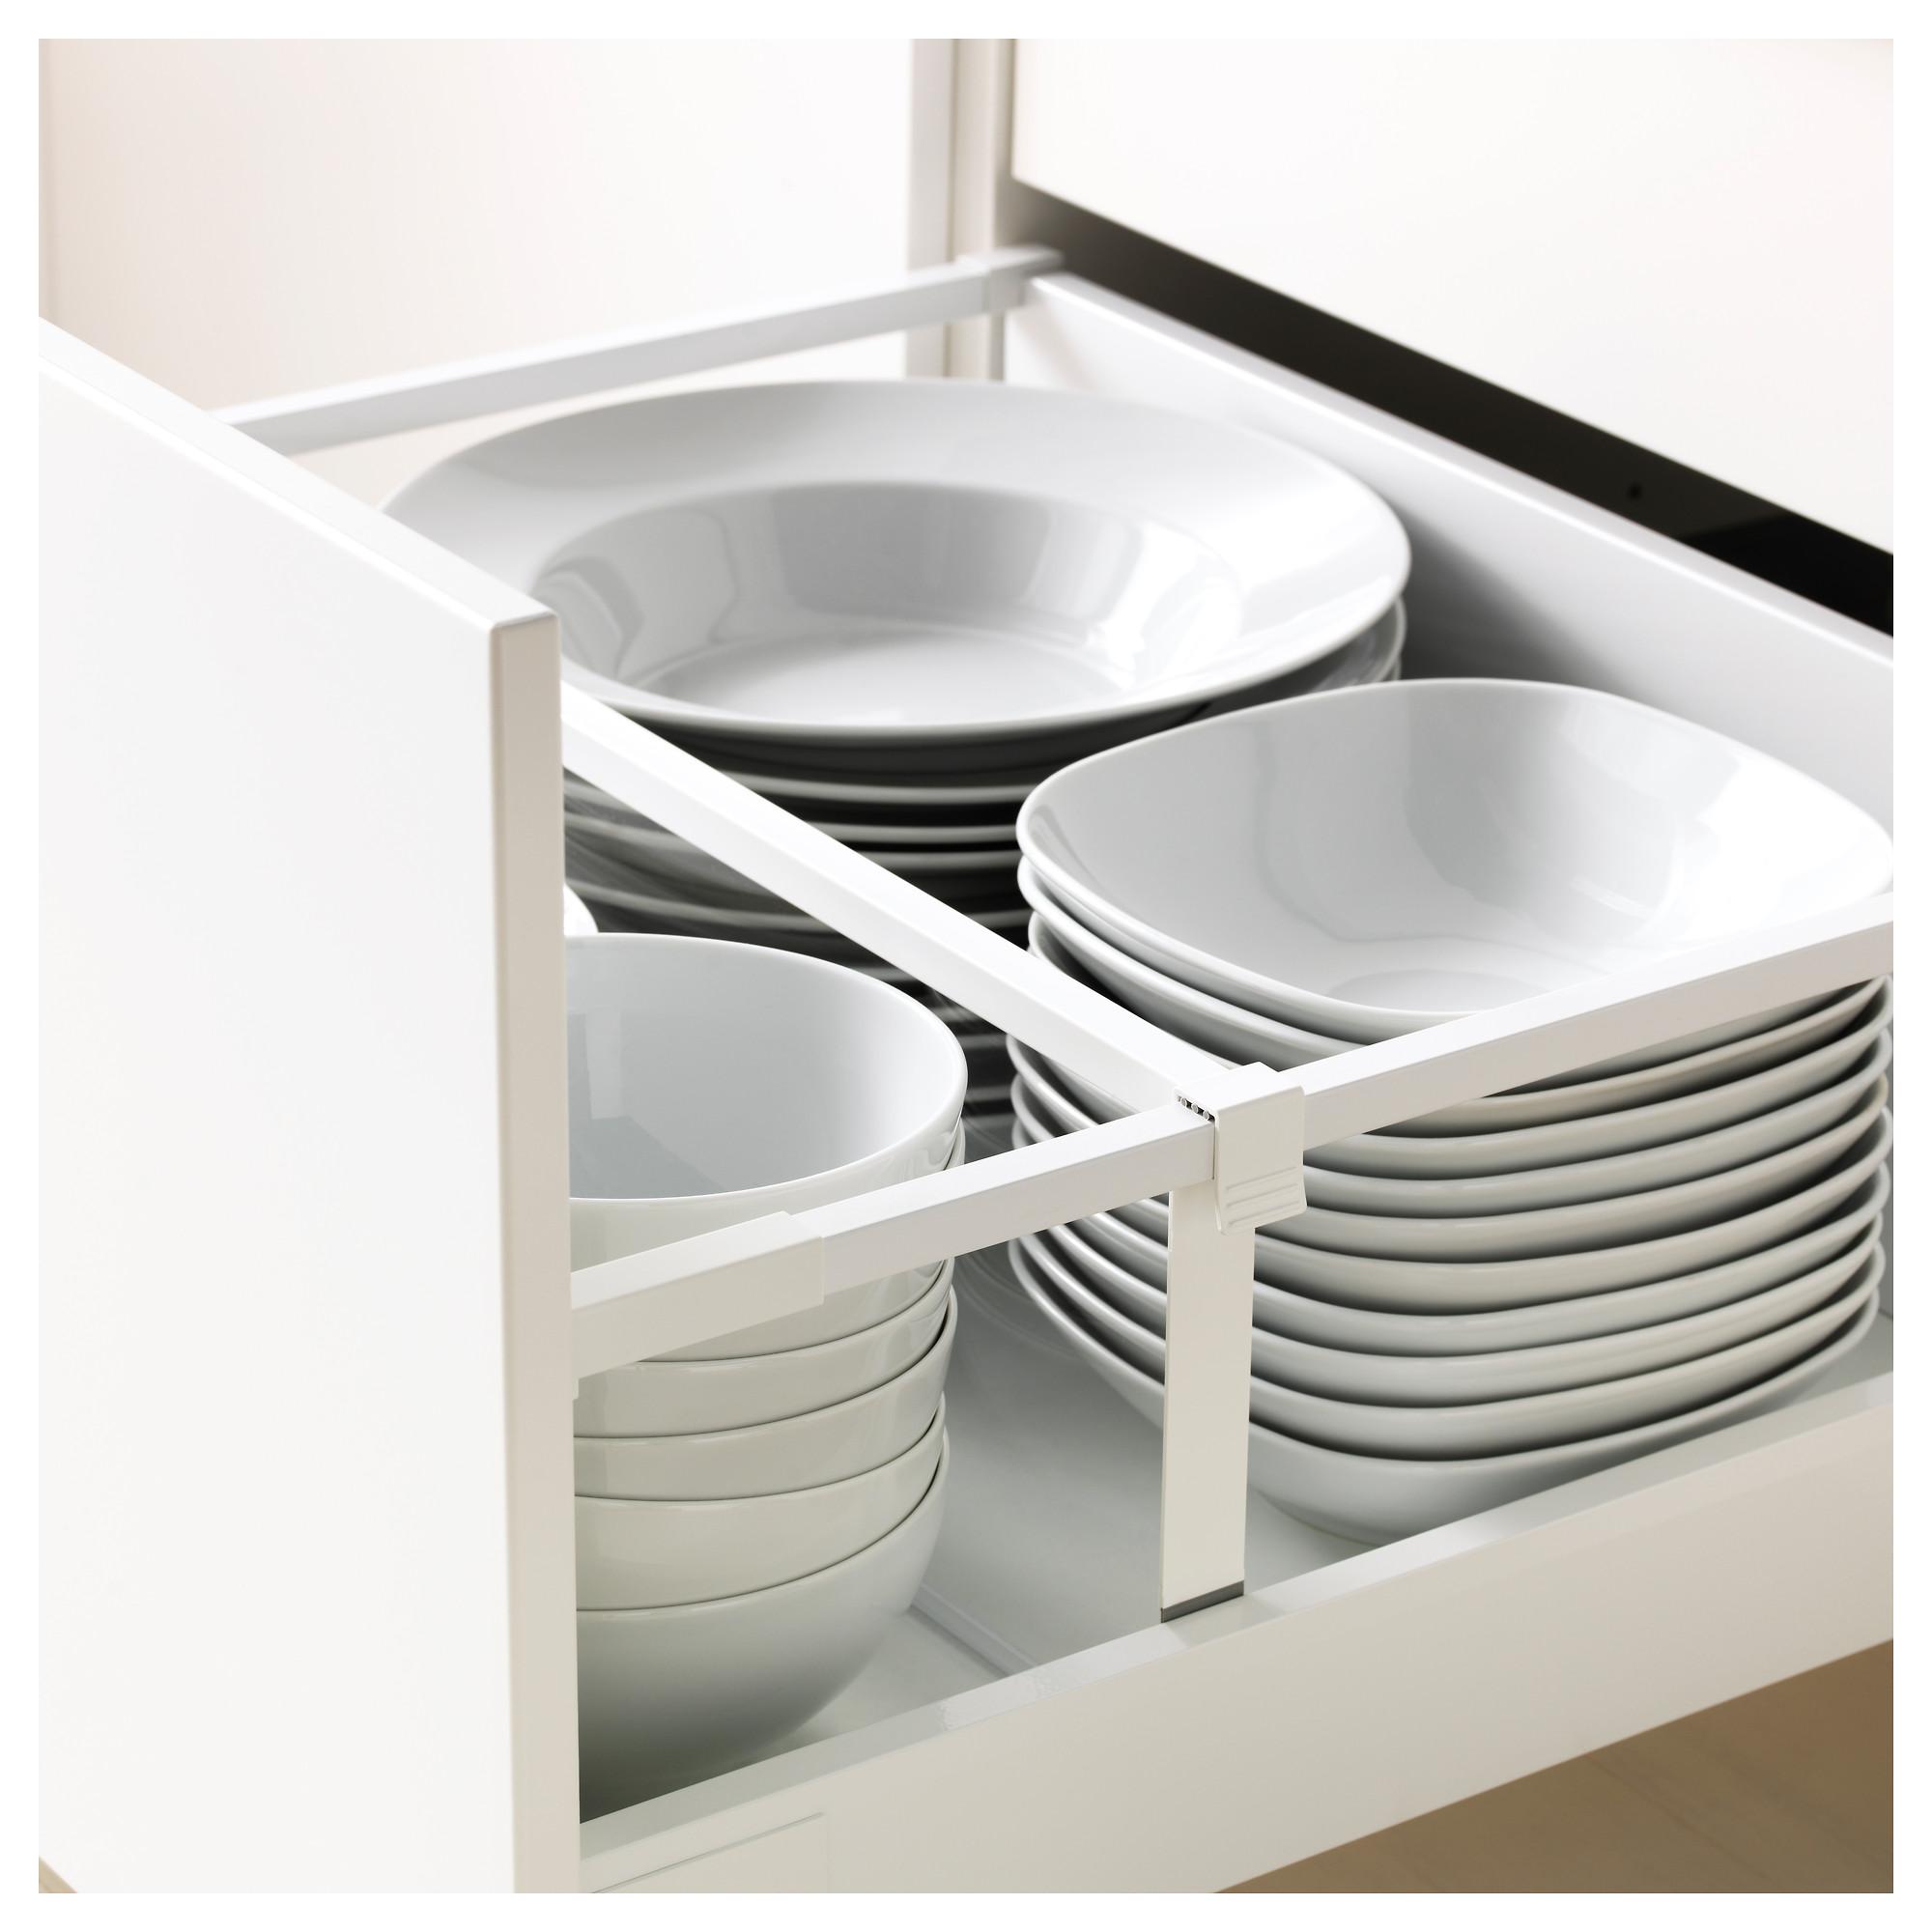 Высокий шкаф + полки, 5 ящиков, 2 дверцы, 2 фронтальных МЕТОД / МАКСИМЕРА черный артикуль № 392.364.84 в наличии. Онлайн каталог IKEA РБ. Быстрая доставка и соборка.